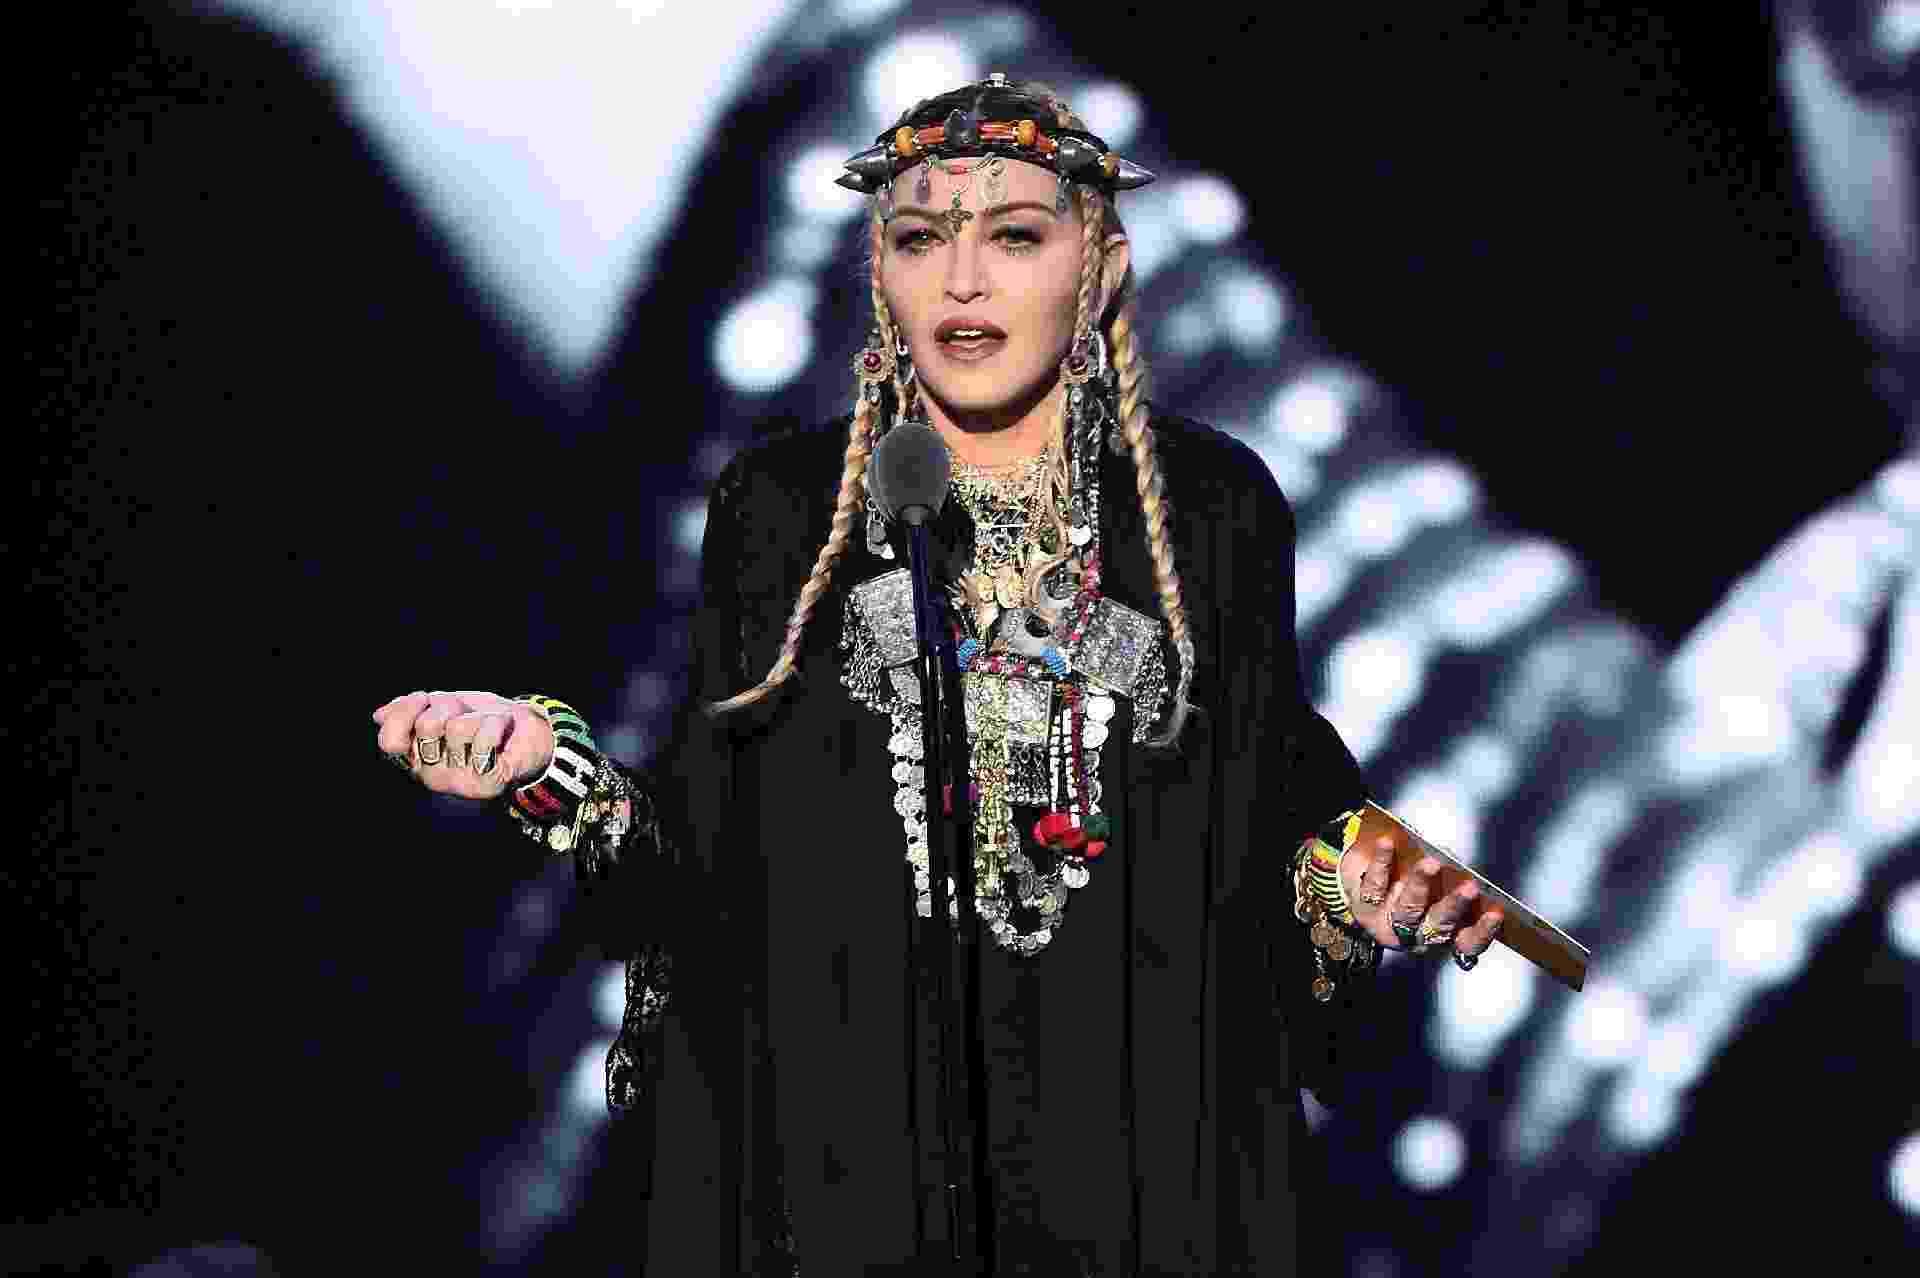 Madonna apresenta prêmio de melhor clipe do ano e faz homenagem a Aretha Franklin no VMA 2018 - Michael Loccisano/Getty Images for MTV